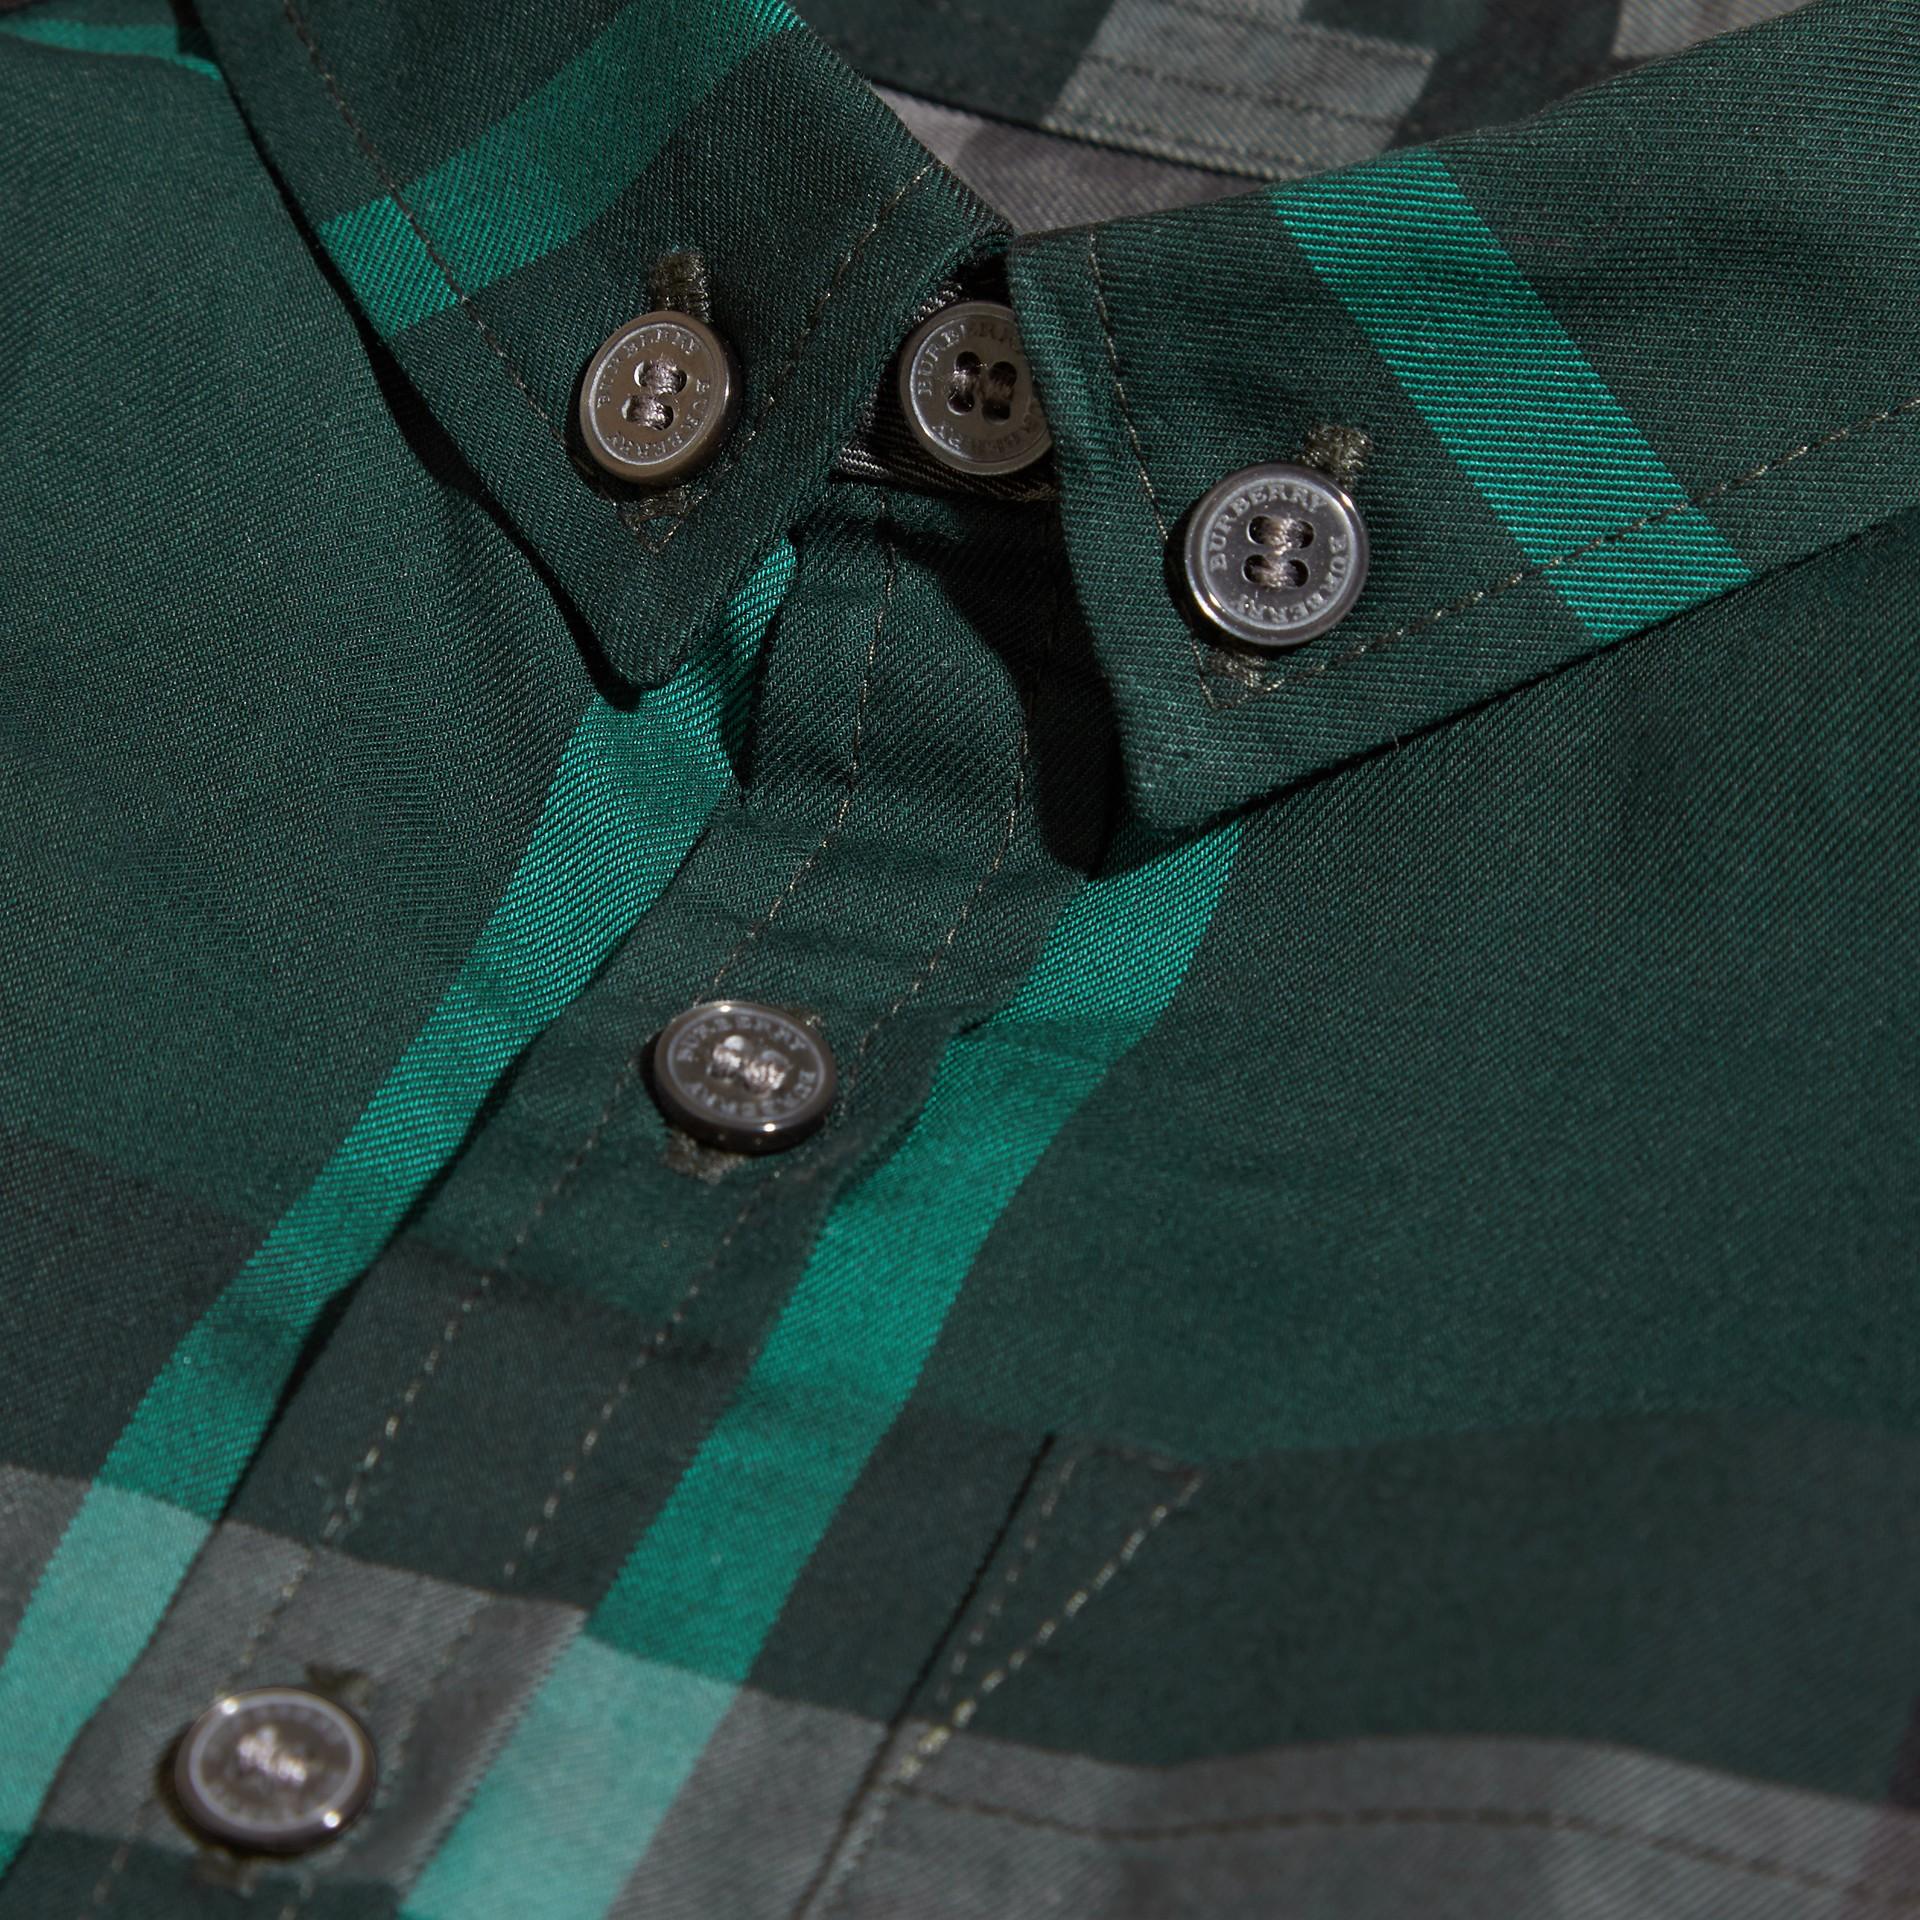 레이싱 그린 체크 버튼 다운 코튼 셔츠 레이싱 그린 - 갤러리 이미지 2